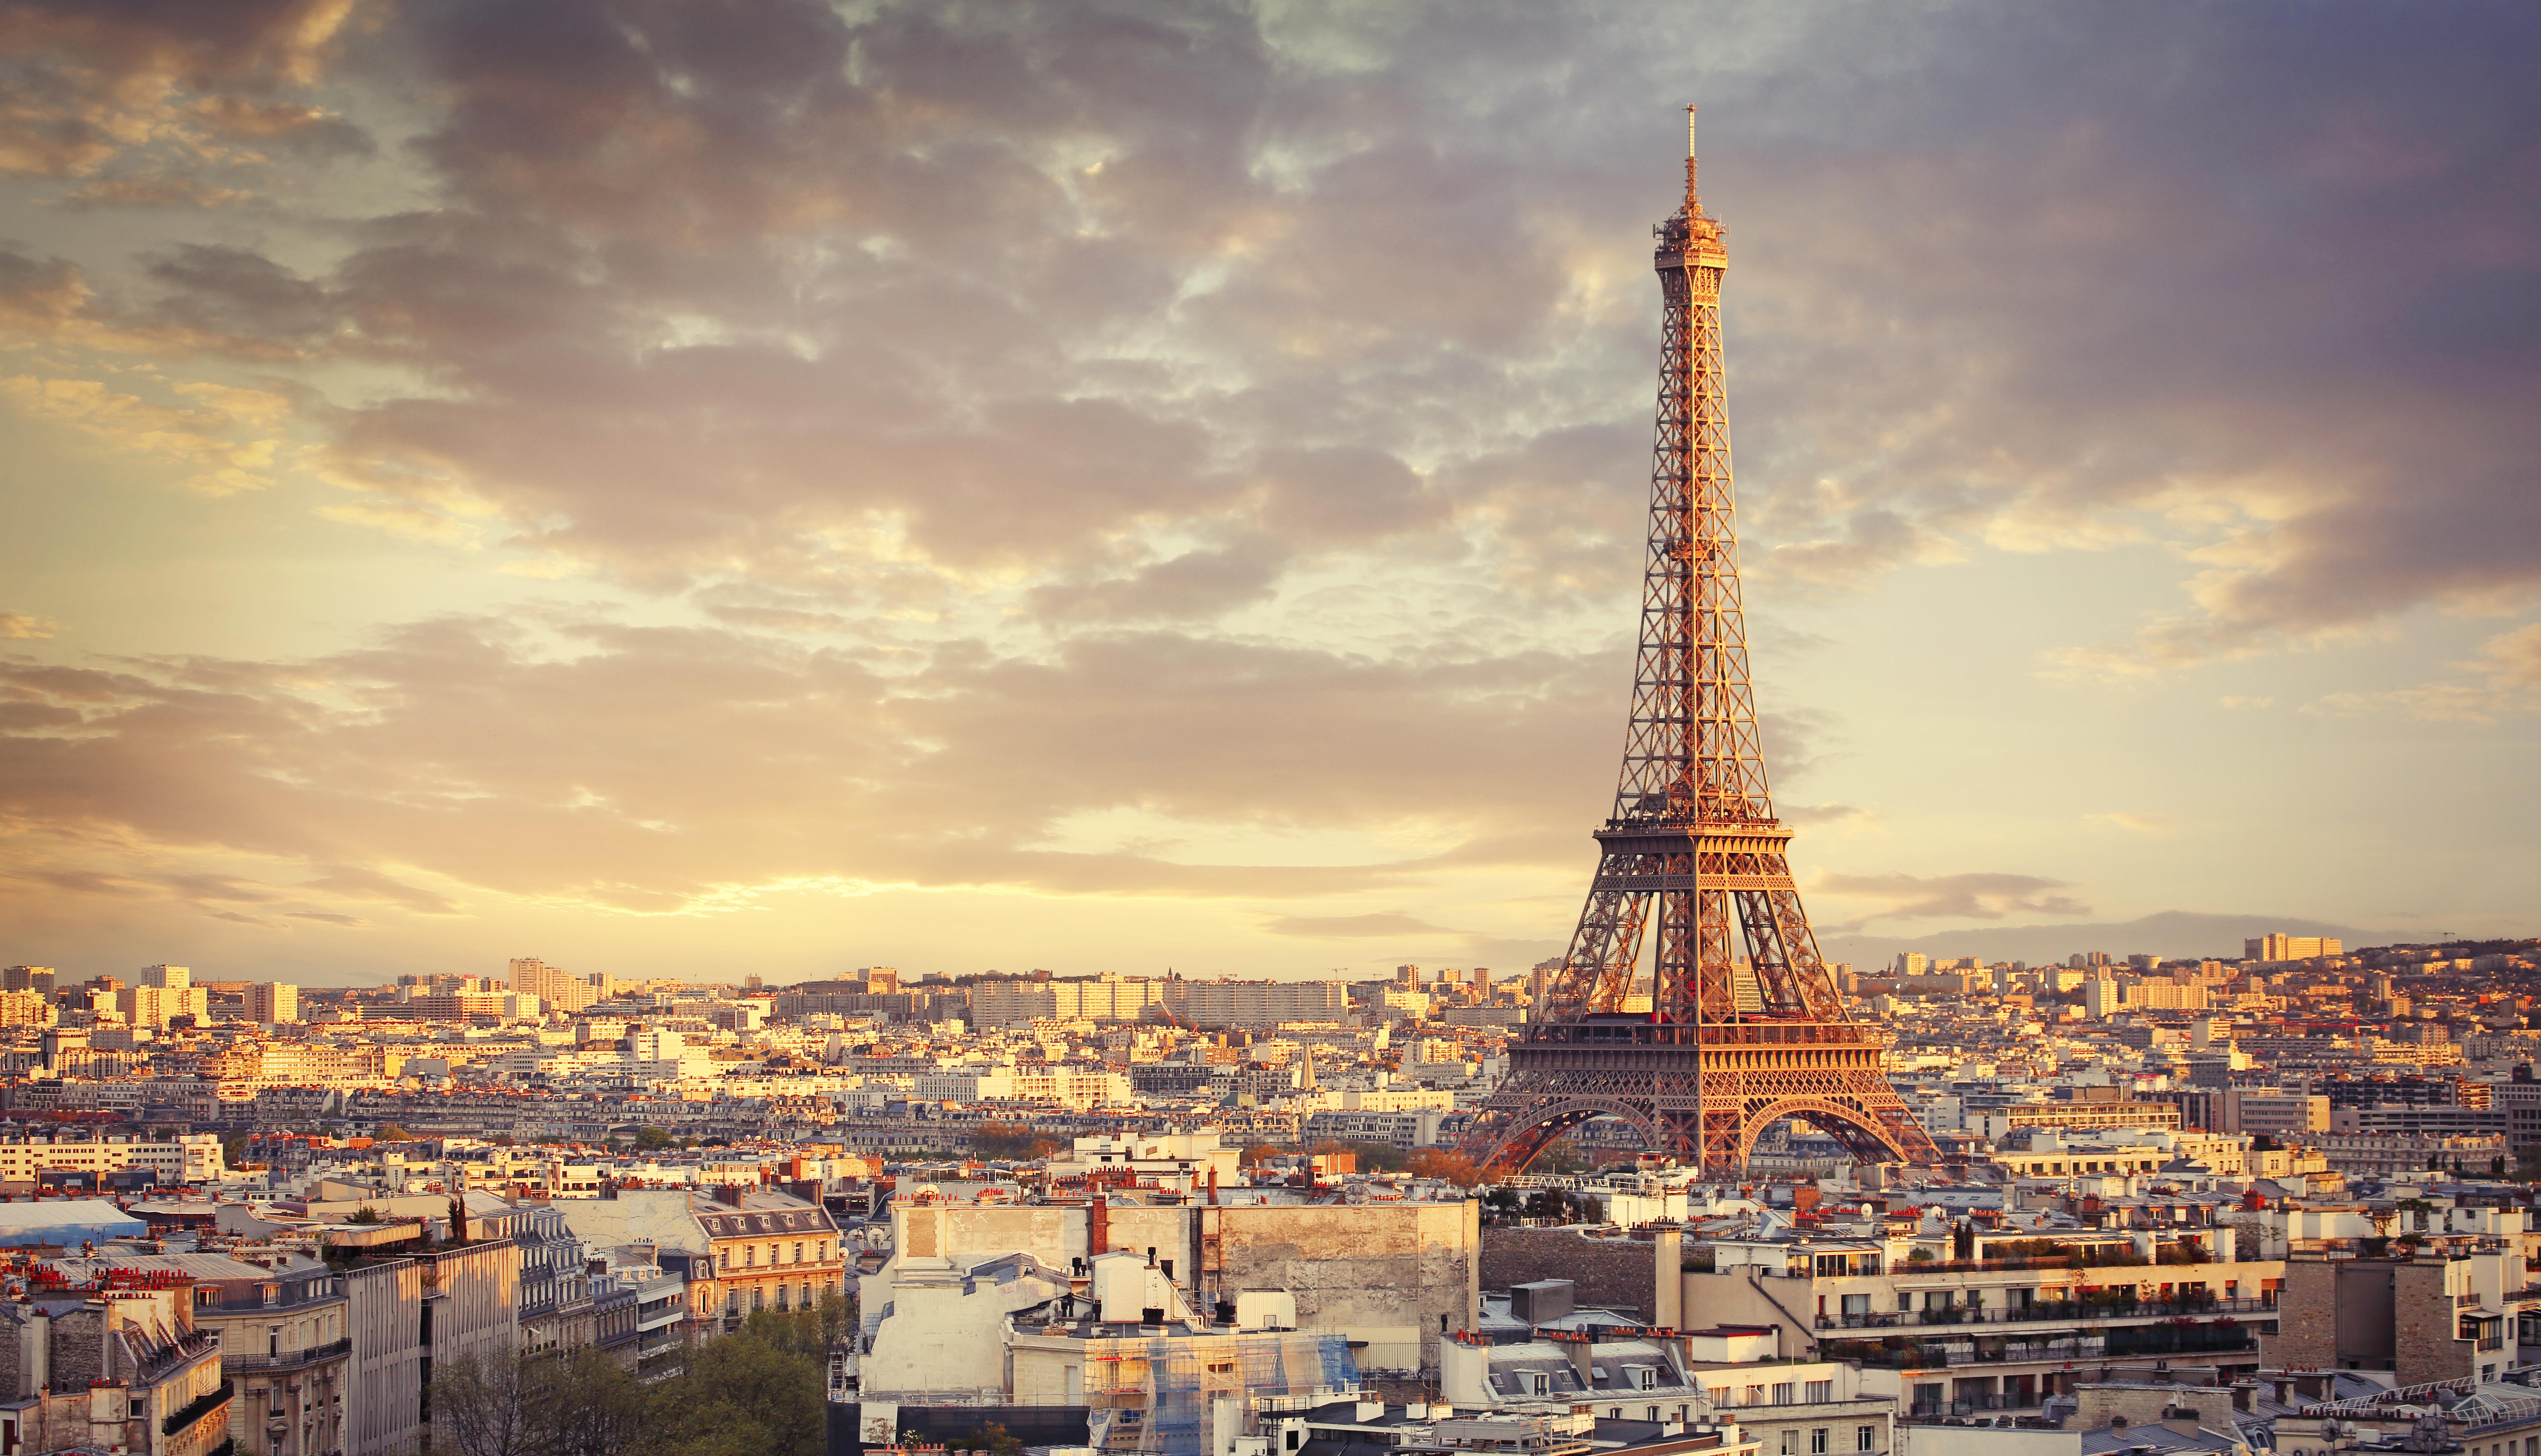 <p><br /> <strong>Франция</strong></p>  <p>Пътниците, които влизат в страната, с изключение на гражданите на ЕС или пристигащите от Великобритания, ще бъдат подложени на задължителна карантина от 14 дни. Тази заповед ще продължи до най-малко 24 юли. На 29 май беше съобщено, че Лувърът ще отвори отново врати на 6 юли.</p>